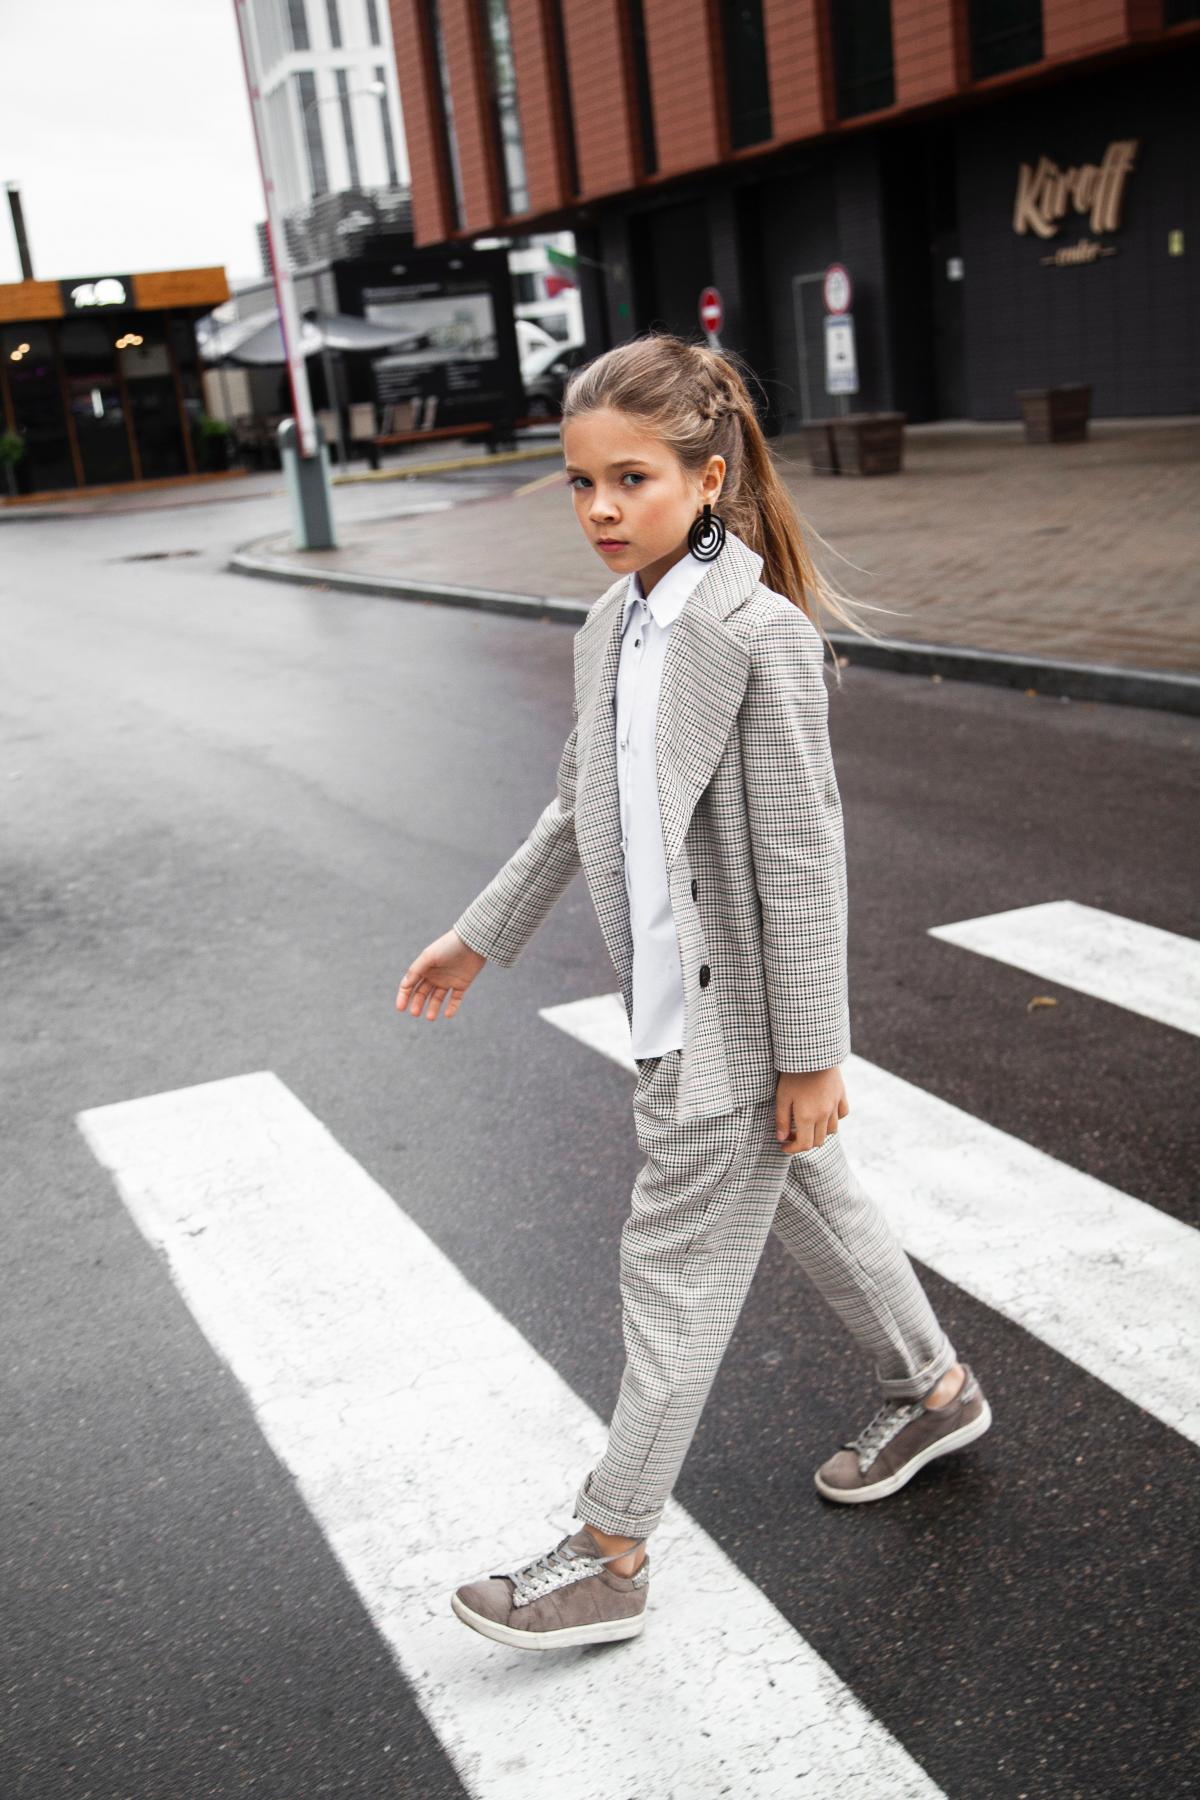 Suit Garment Clothing